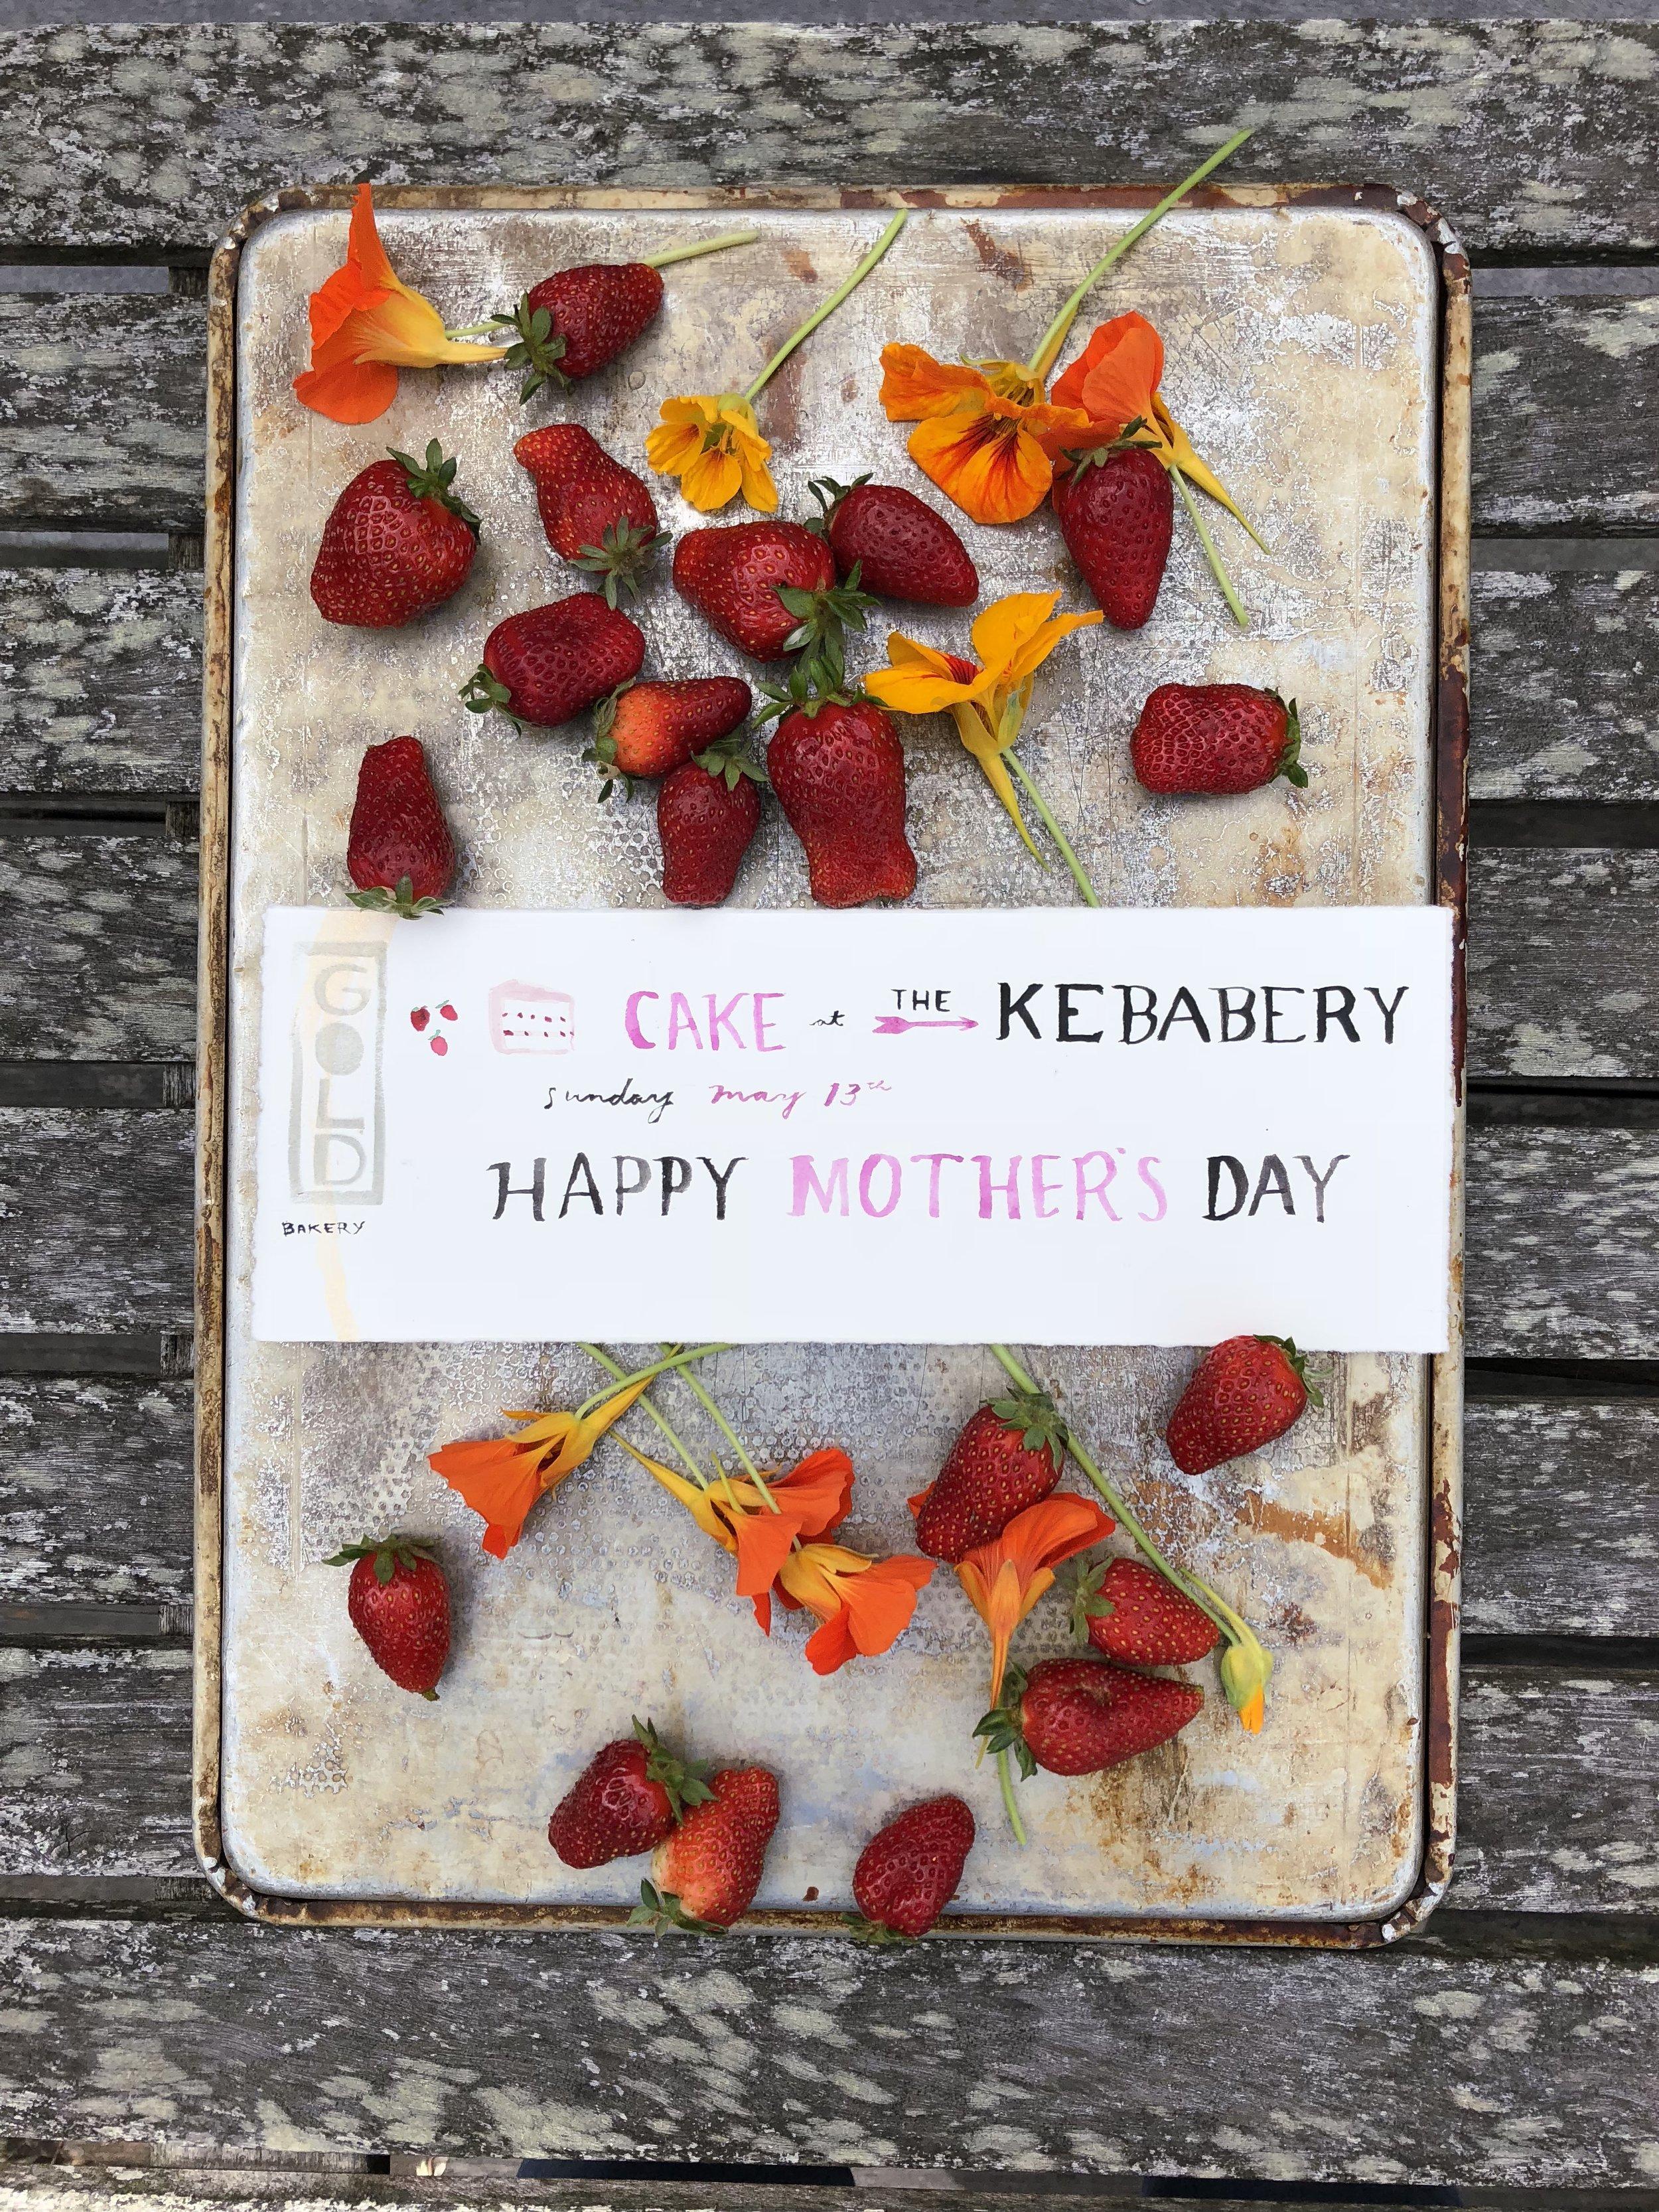 Cake+Kebabs at The Kebabery May 13th!